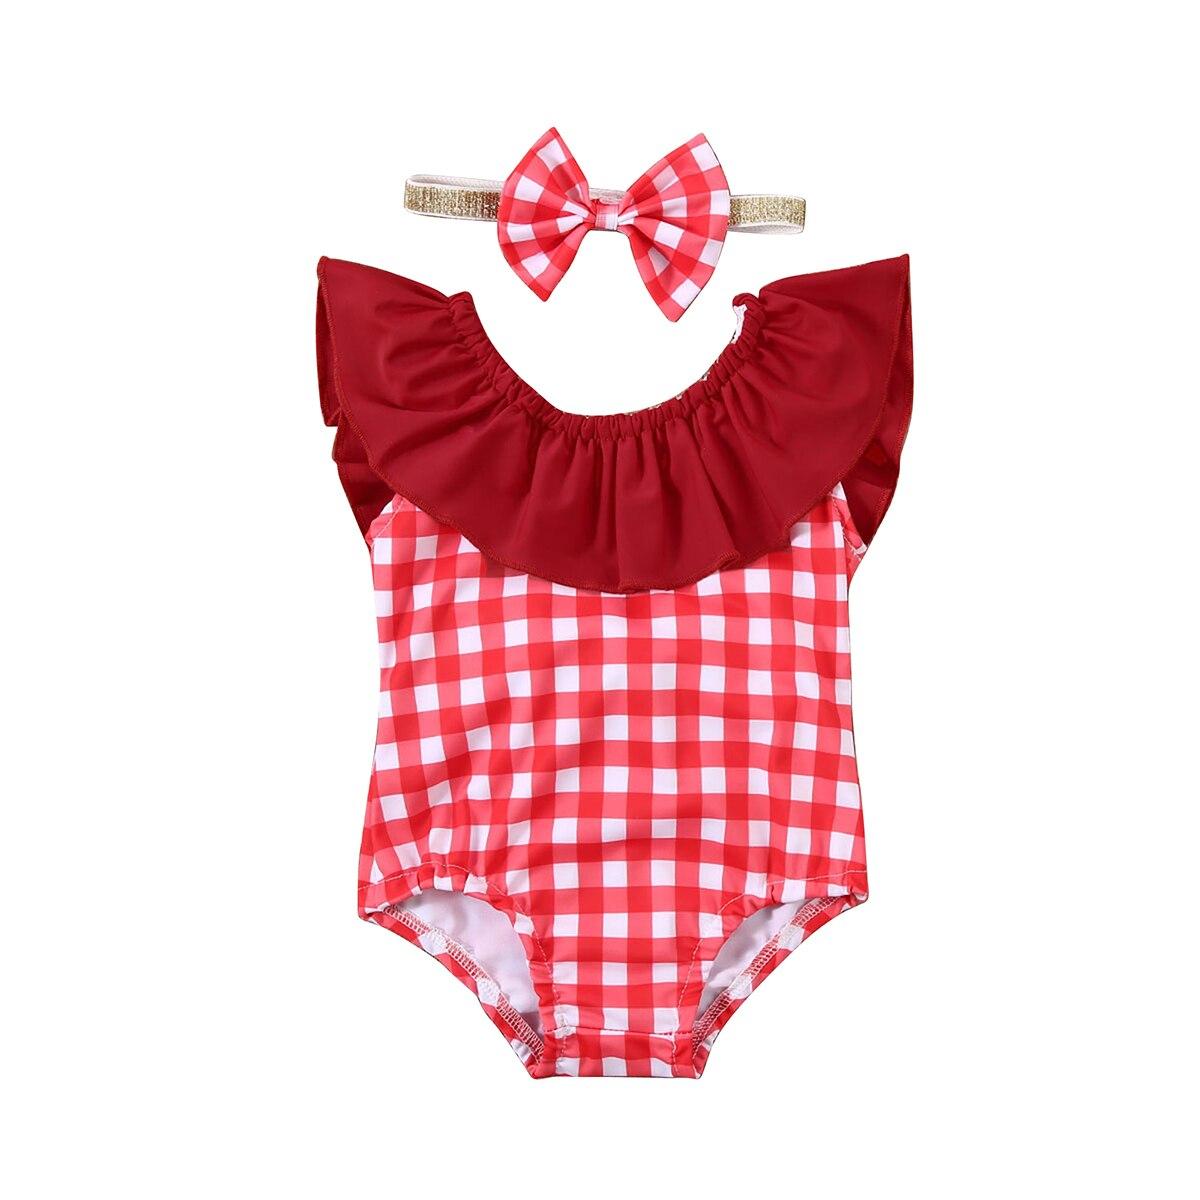 Traje de baño para niña pequeña, traje de baño de una pieza, traje de baño con volantes a cuadros, traje de baño para playa, traje de baño 6M-6T